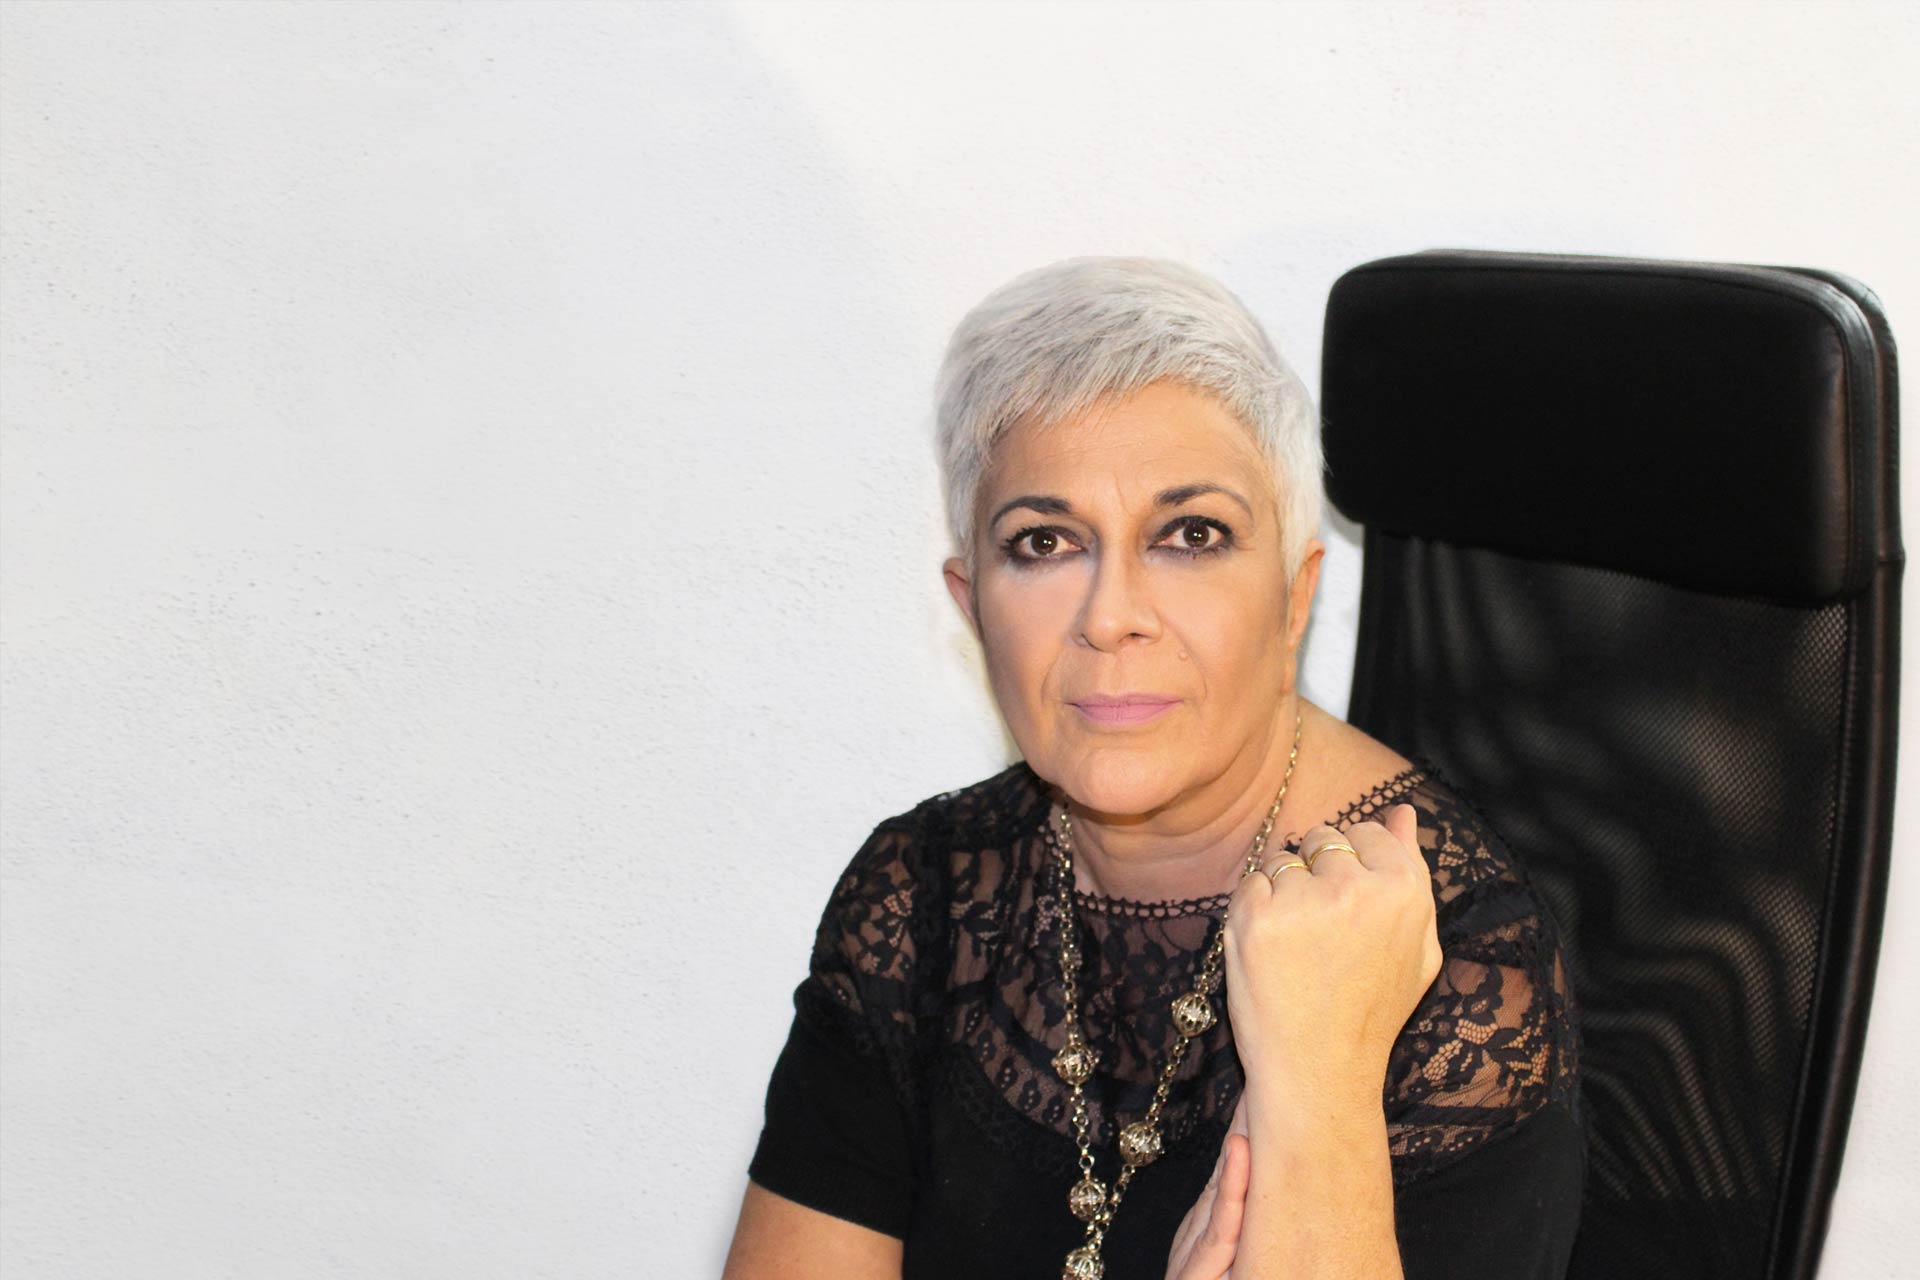 Studio Rosaria Stefano - Avvocato divorzista Roma - Unioni civili - Contratti di convivenza